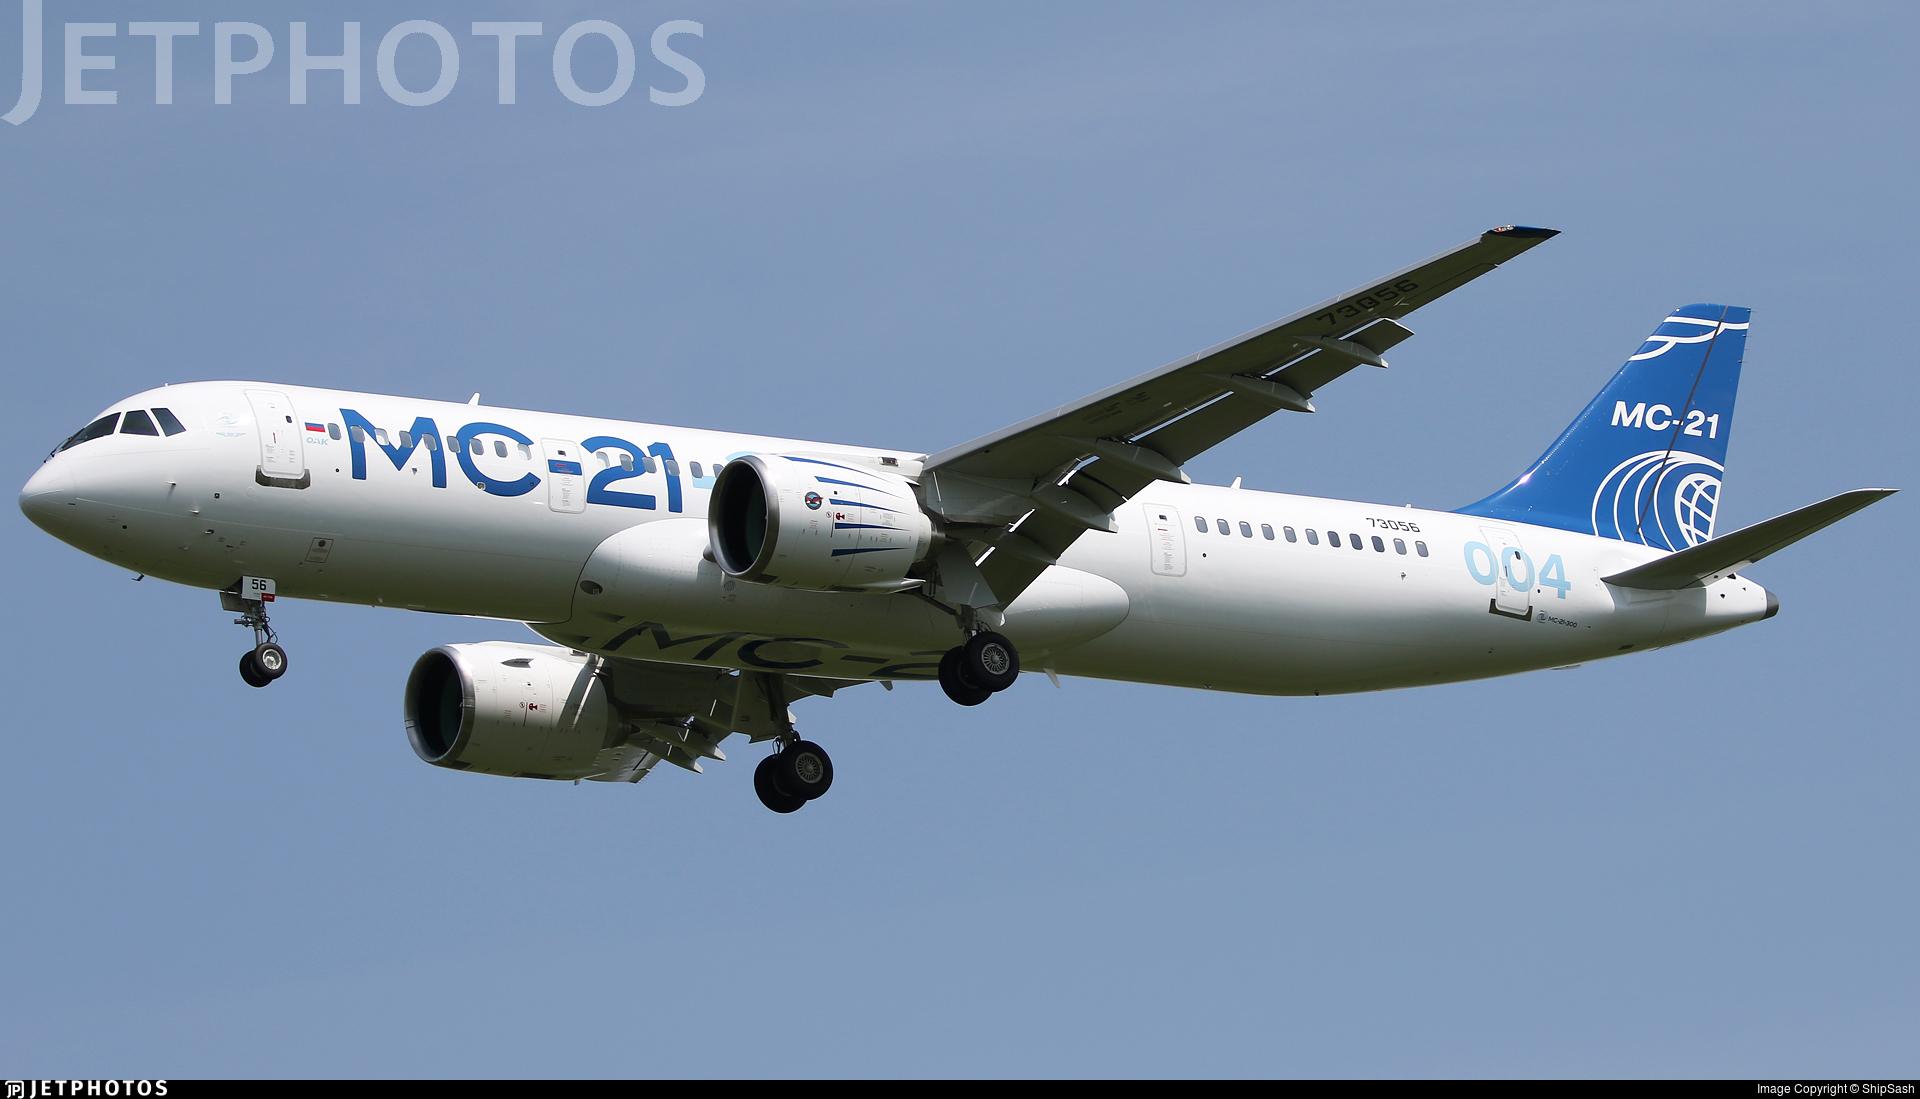 73056 - Irkut MC-21-300 - Irkut Corporation